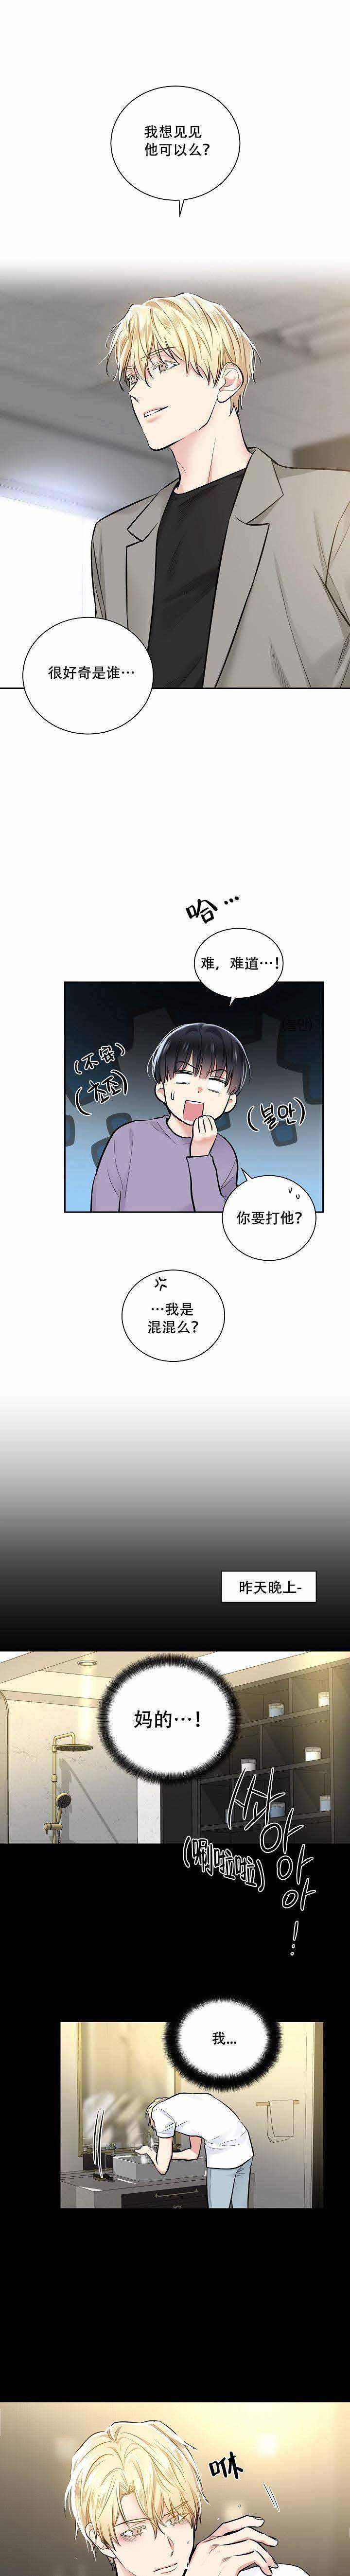 无删减&《耻辱应用程序》(漫画免费阅读